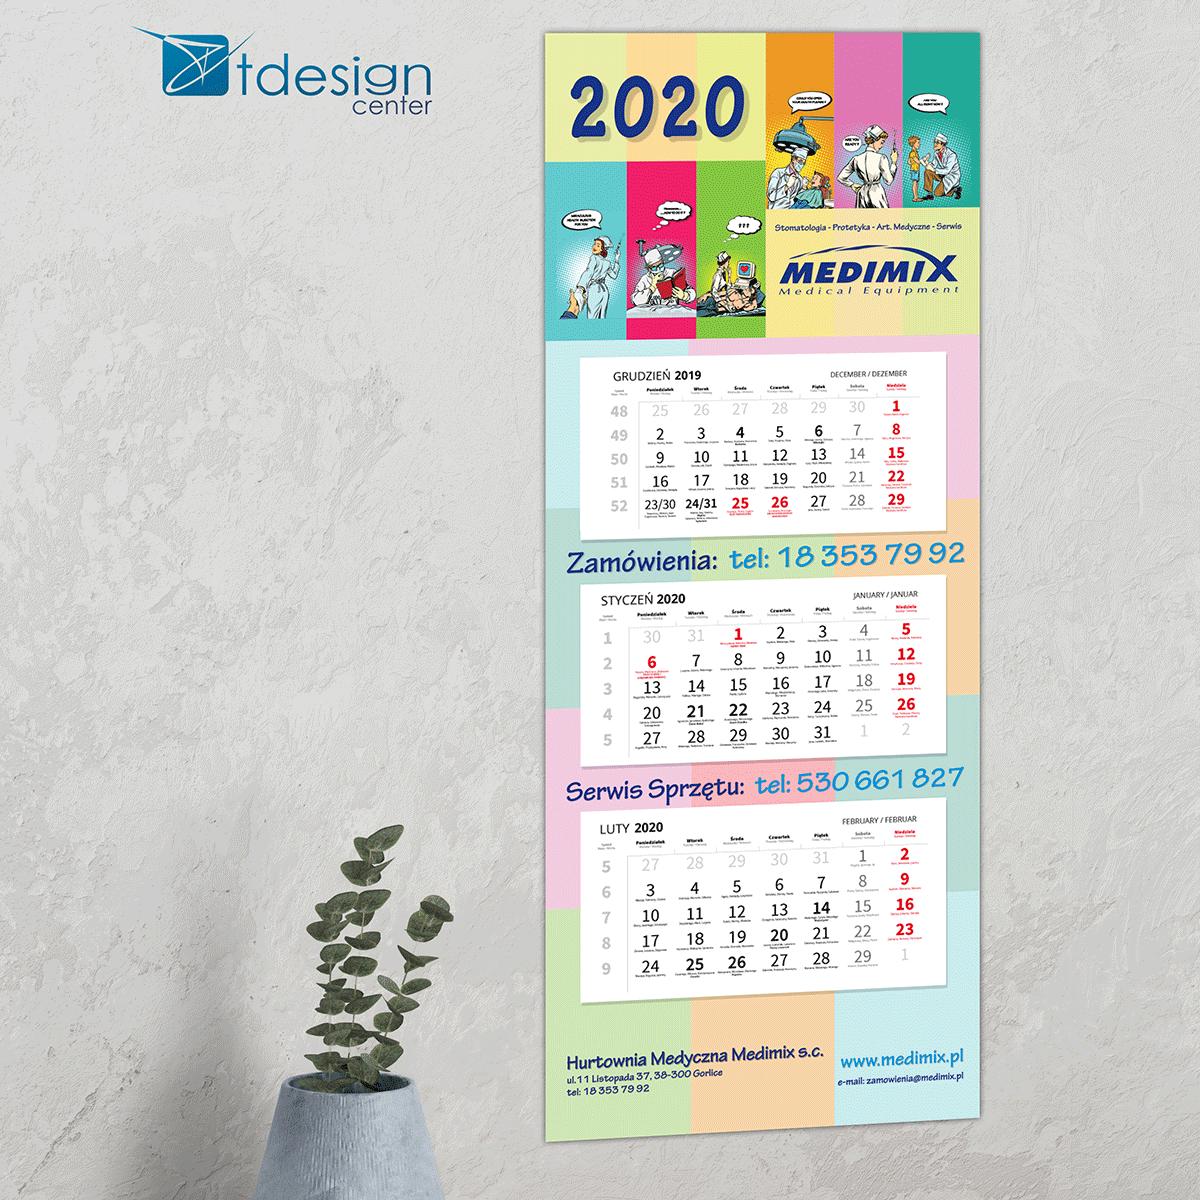 Kalendarz trójdzielny, druk wykonany dla firmy Medimix